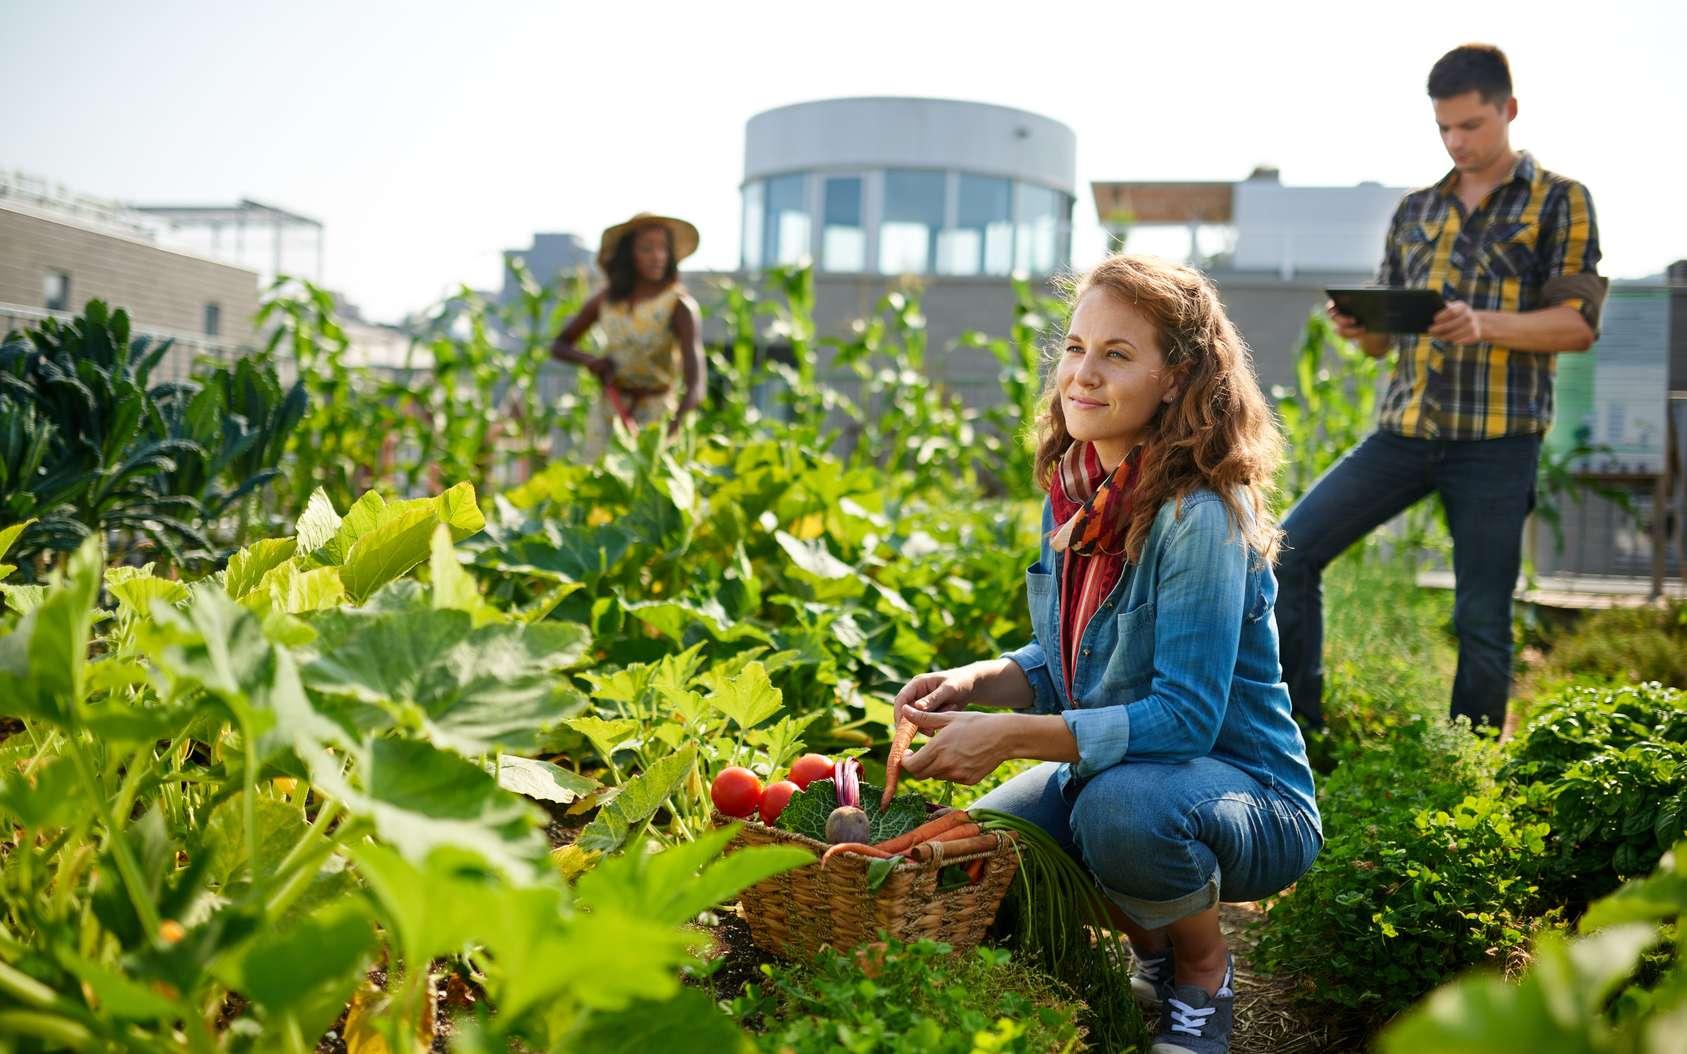 L'agriculture urbaine est en plein essor. Il y a une vraie demande des citadins pour la culture de fruits et de légumes au cœur des grandes villes. © AYAimages, fotolia